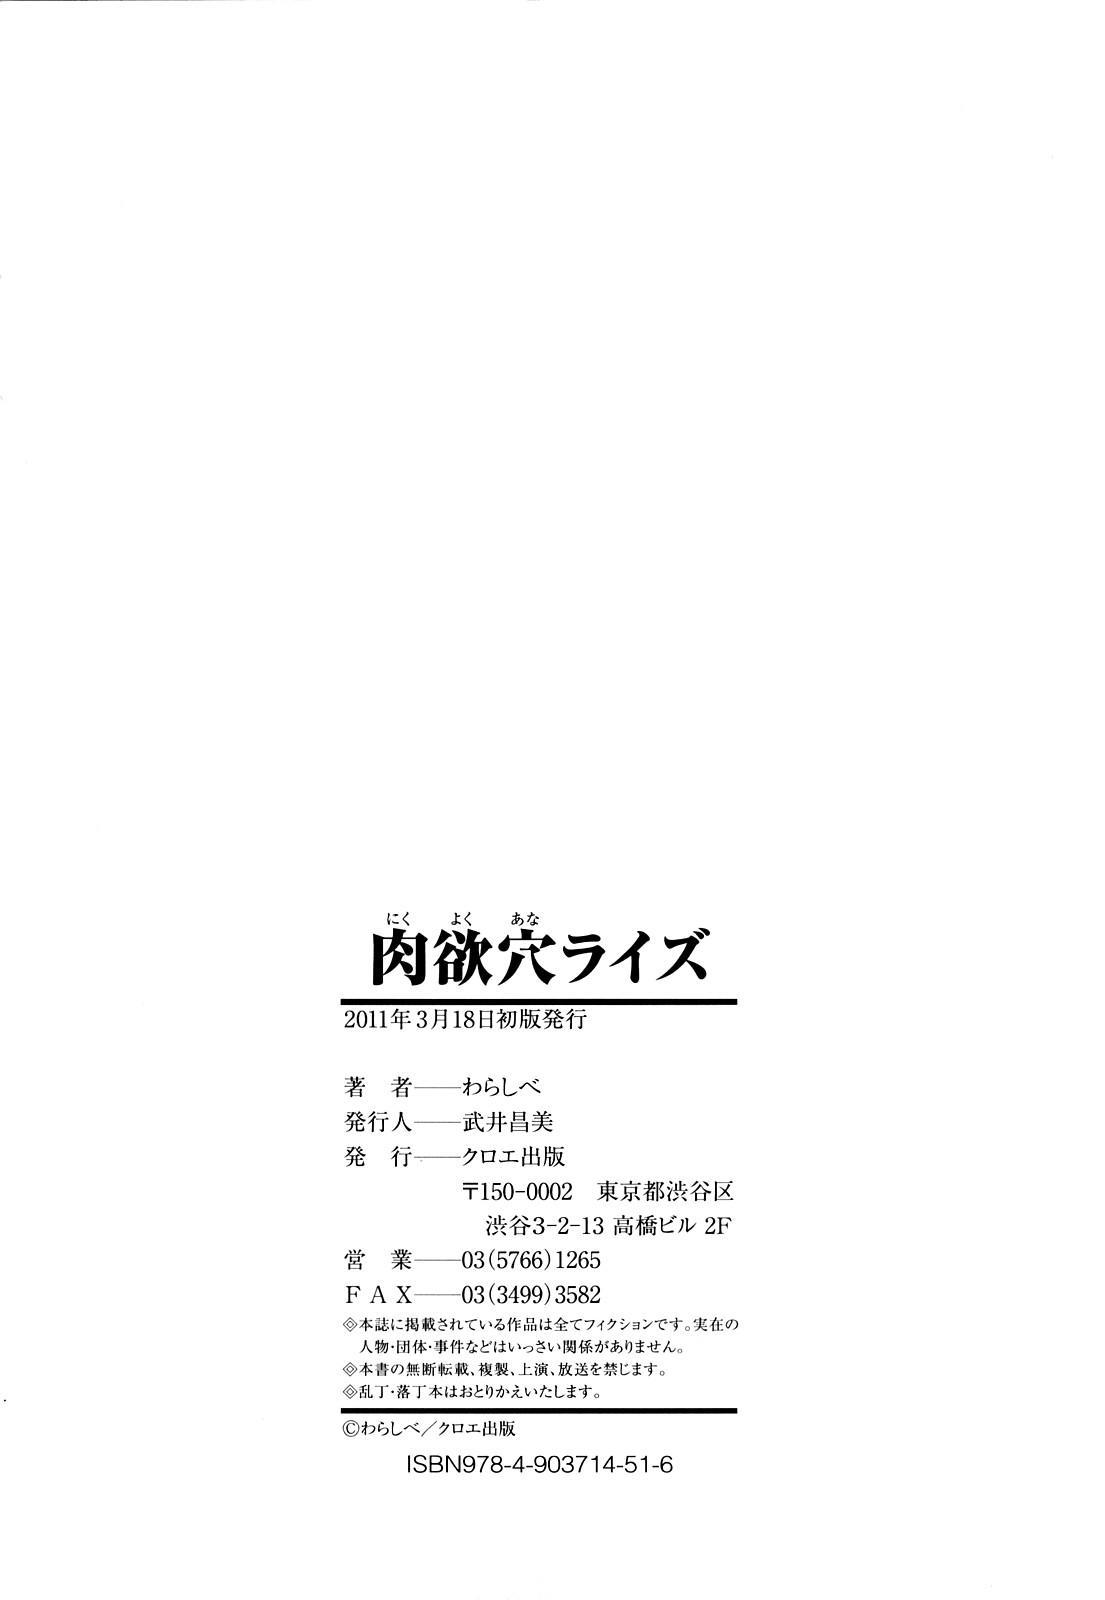 Nikuyoku Analyze 210